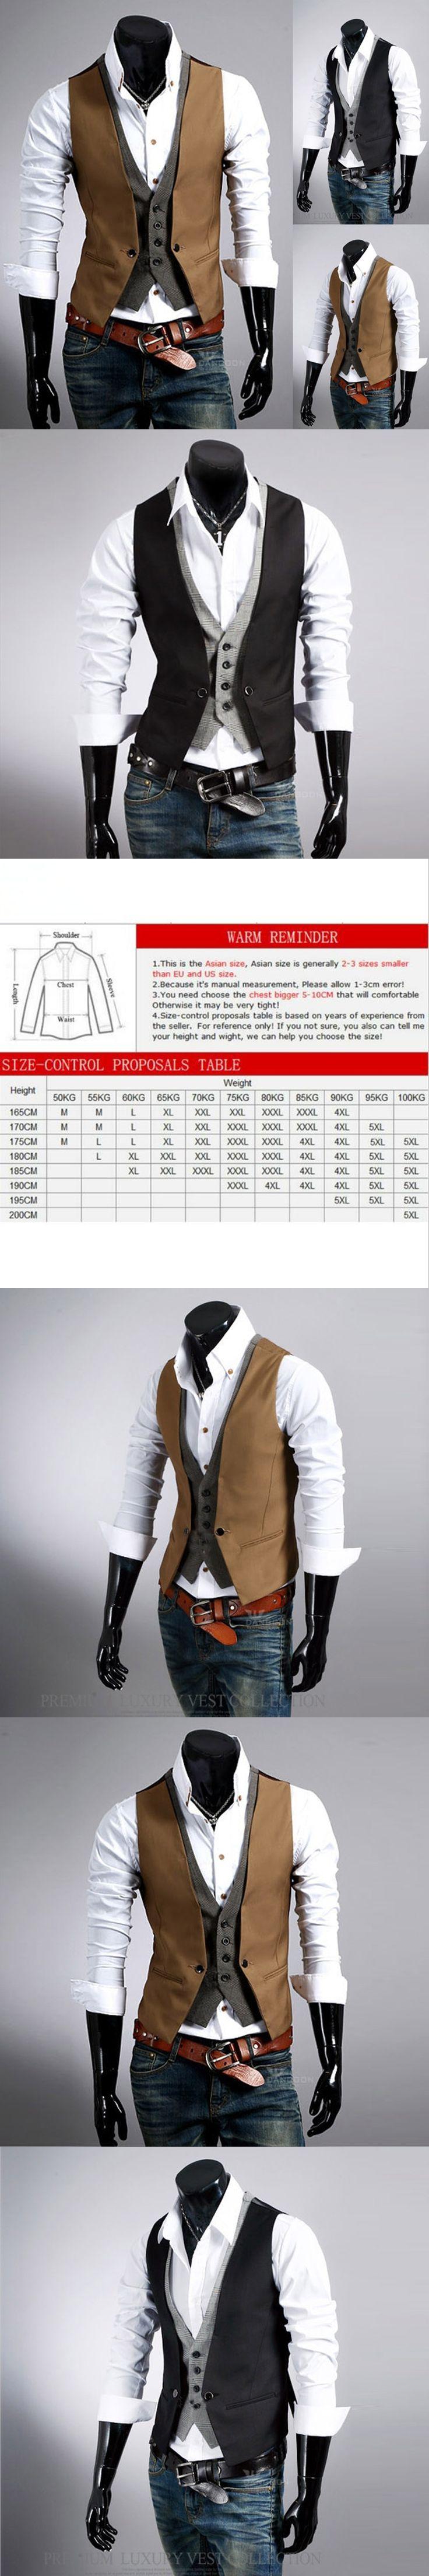 2017 New Fashion Boutique Splicing Slim Men Business Suit Vest / Male Cardigan Color Matching Leisure Suit Vest Casual Vests